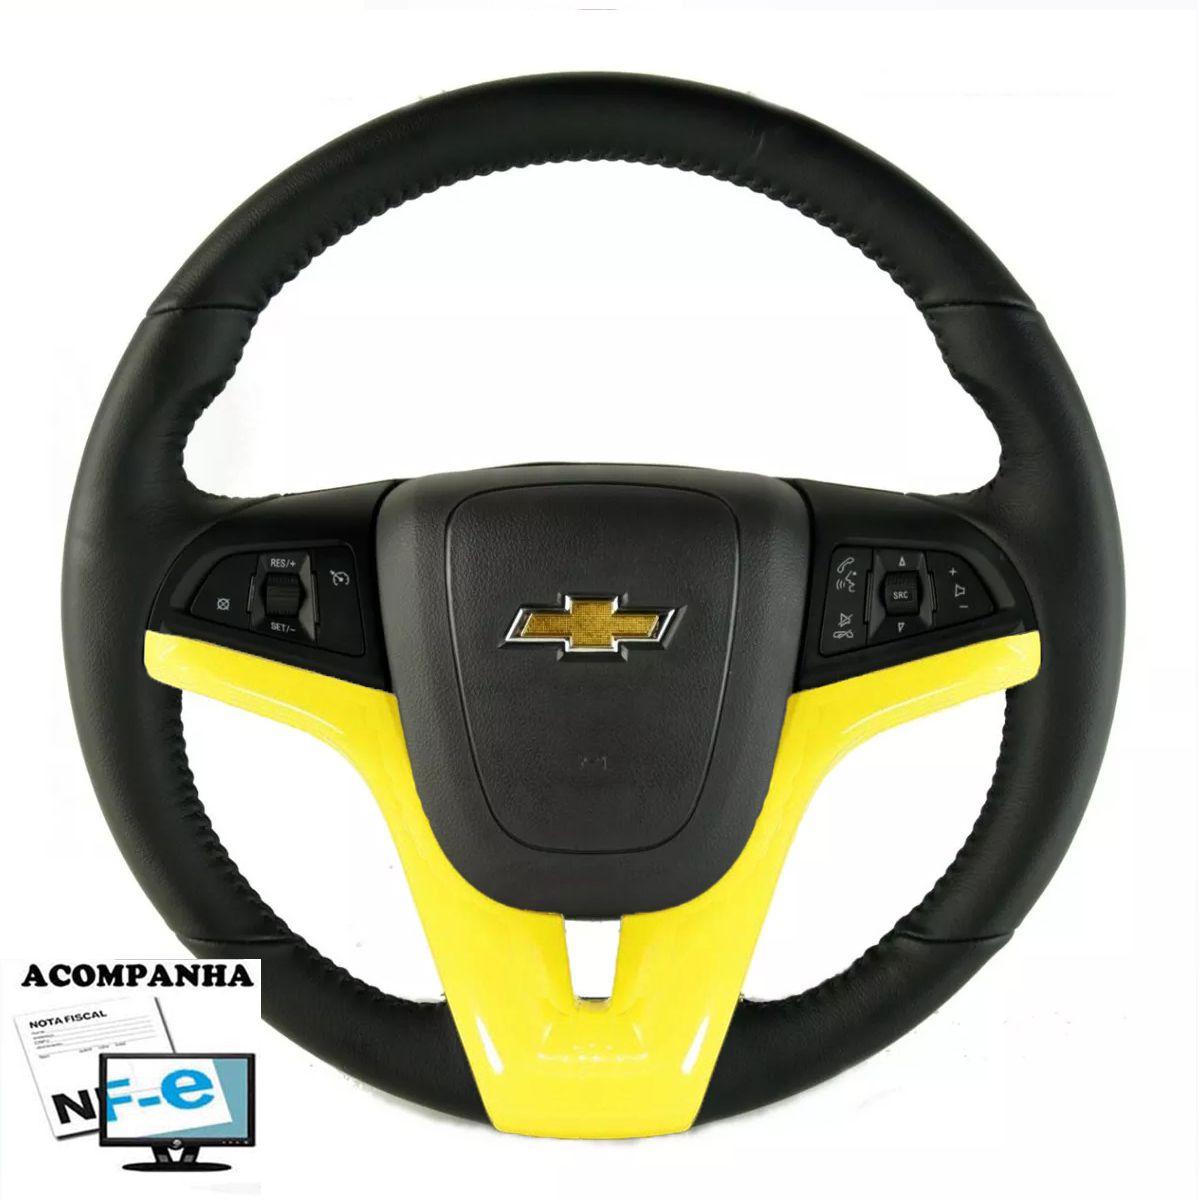 Volante Original Onix Couro Multifuncional Spin Cobalt Prisma Onix Cruze Sonic Comandos e Led Laranja no Volante Chevrolet Tampa Acionado de Buzina e Cubo Gm